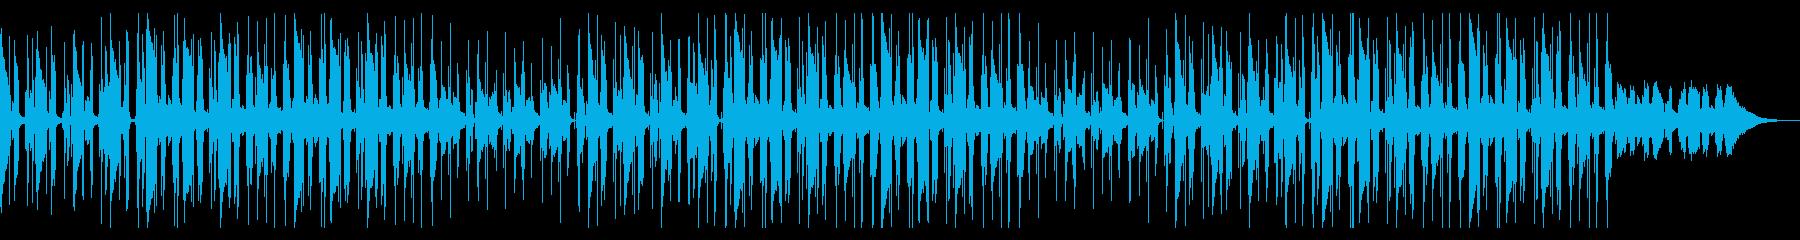 オシャレでリラックスしたチルタイムの再生済みの波形